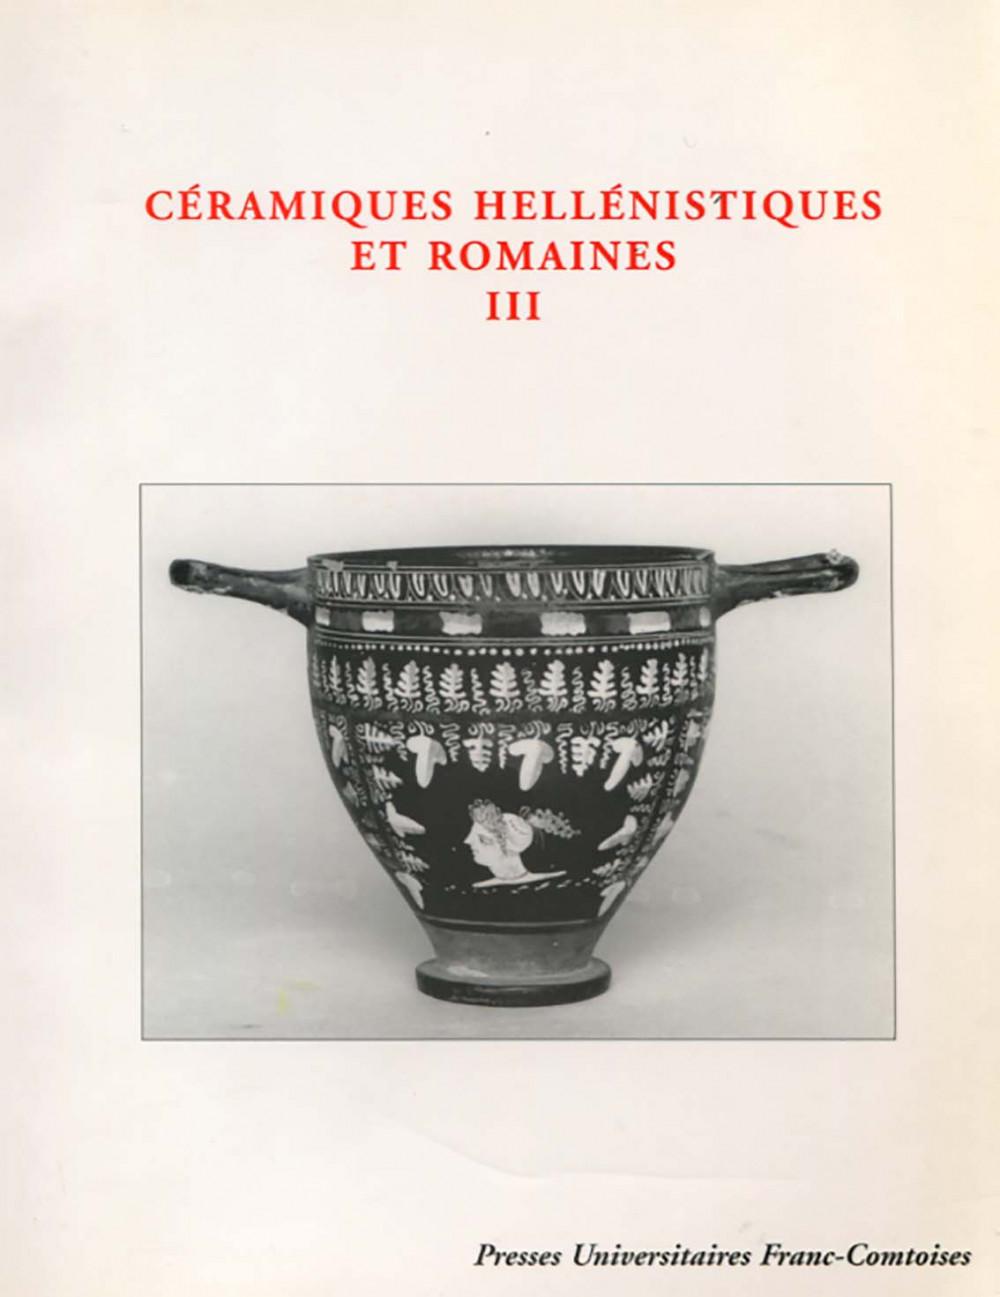 Céramiques Héllénistiques et Romaines III